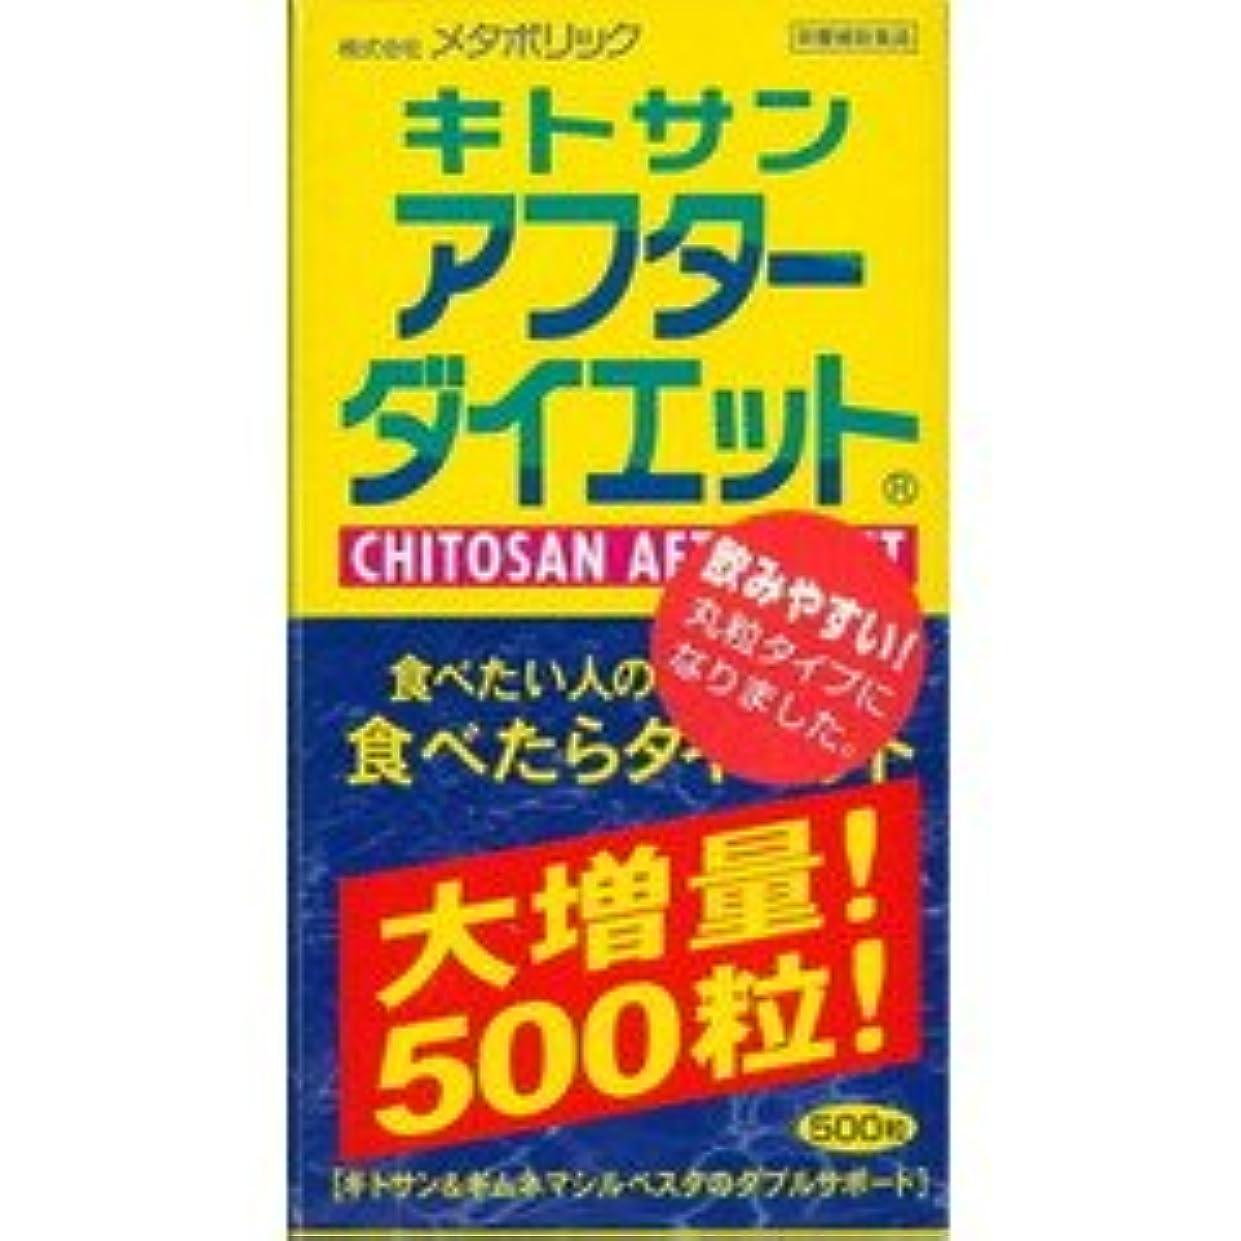 ドロー安全性非アクティブメタボリック キトサン アフターダイエット 500粒入り